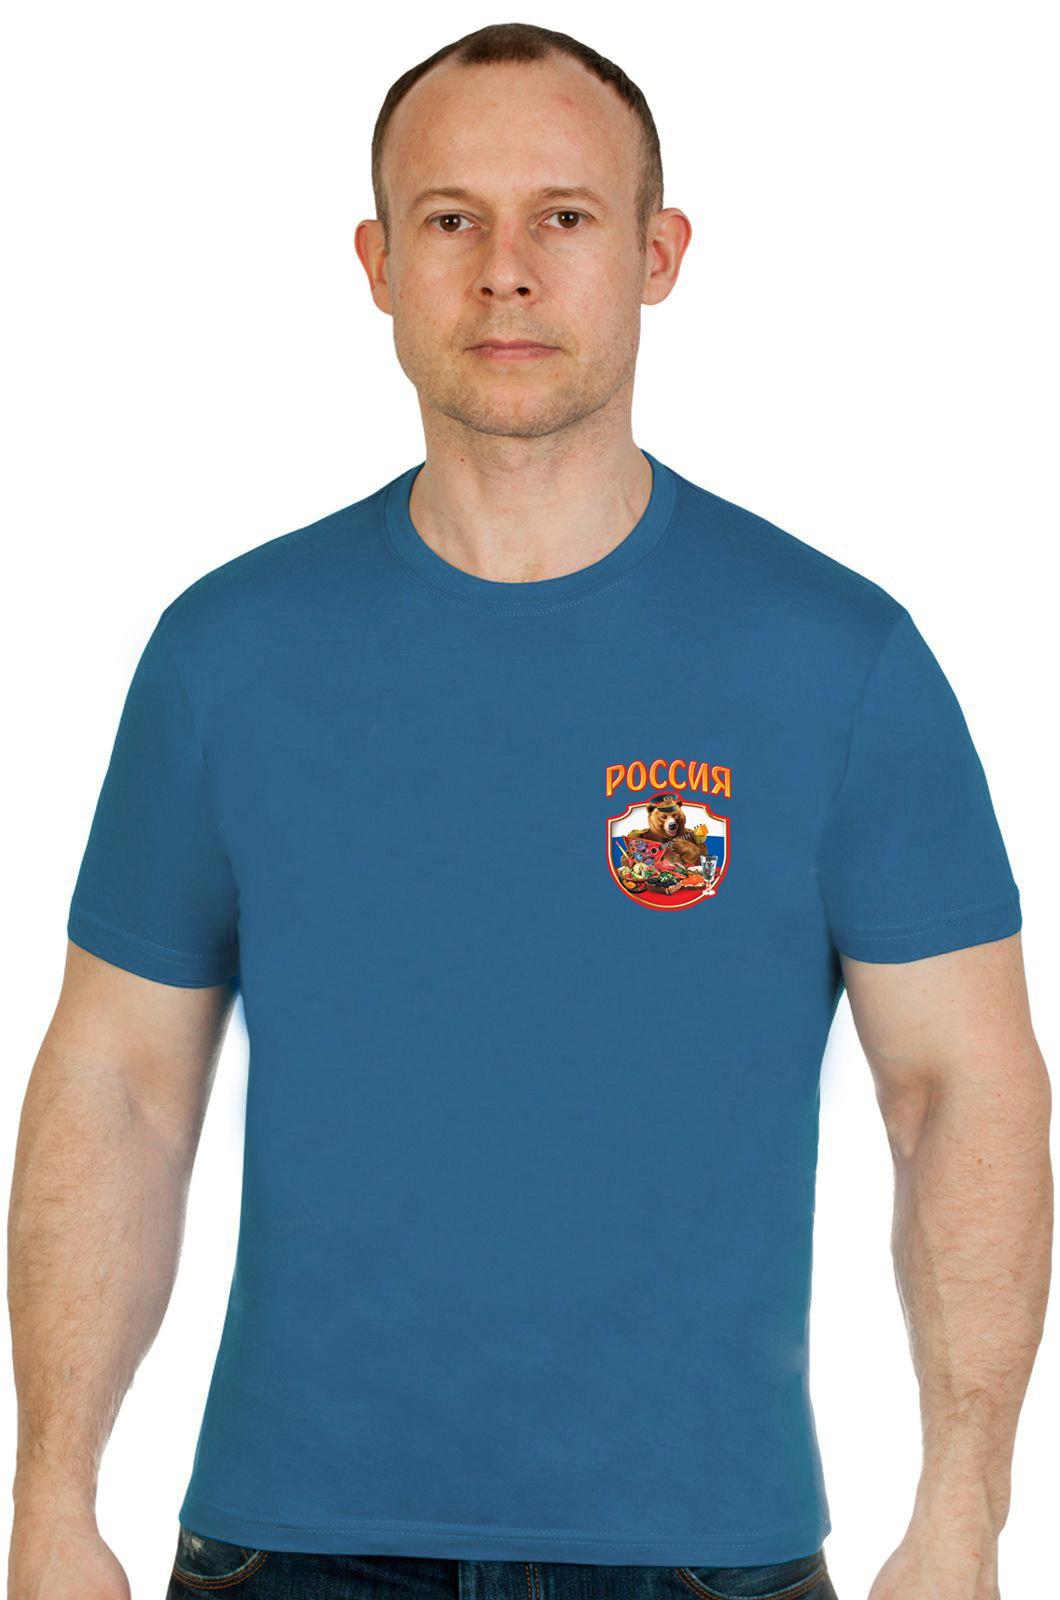 Купить зачетную футболку Россия Гостеприимный Мишка выгодно